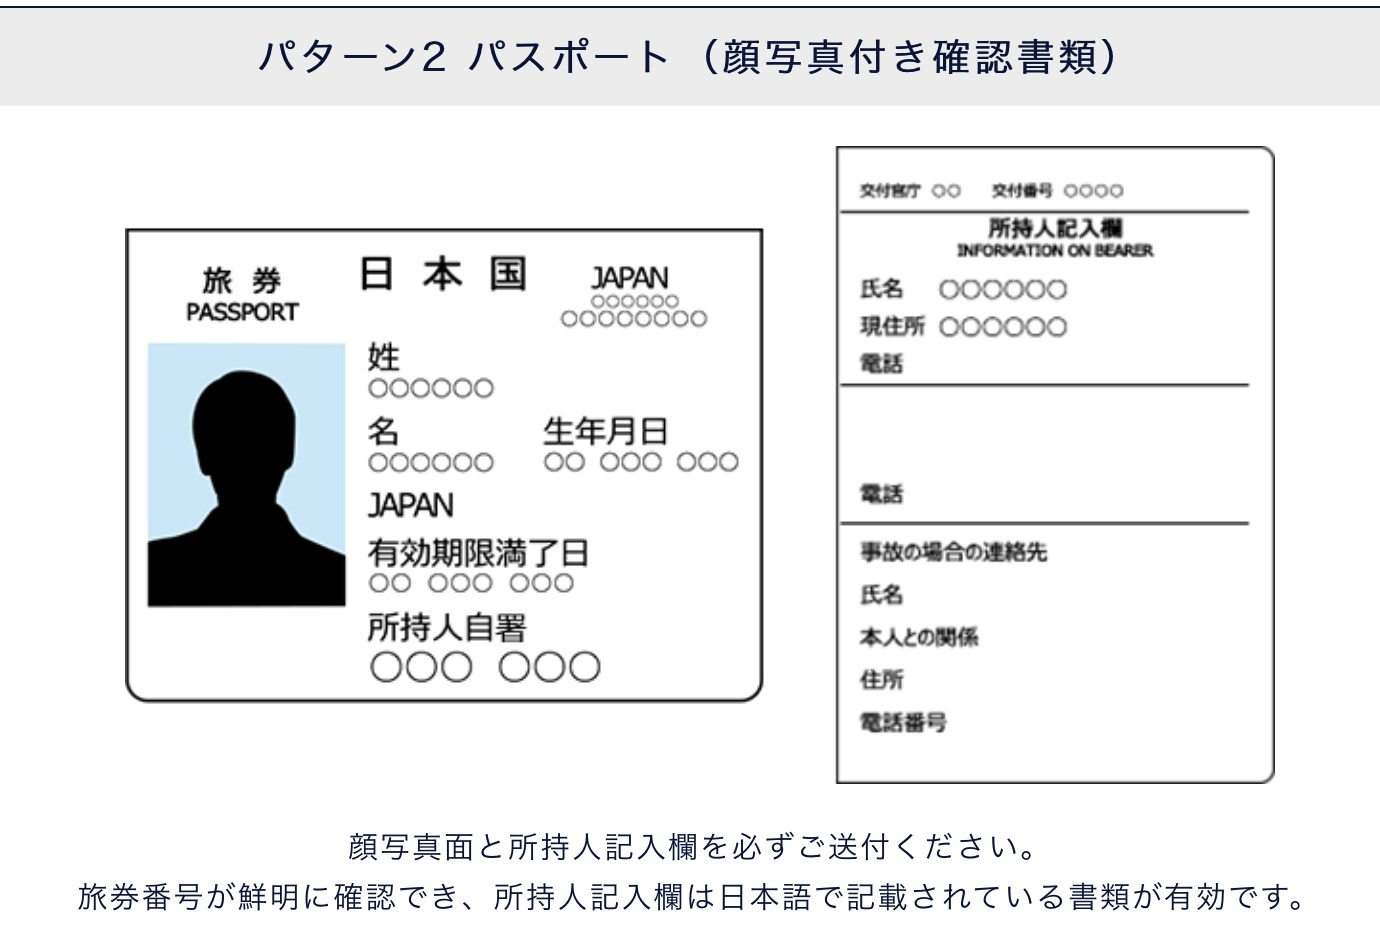 パスポートをアップロード